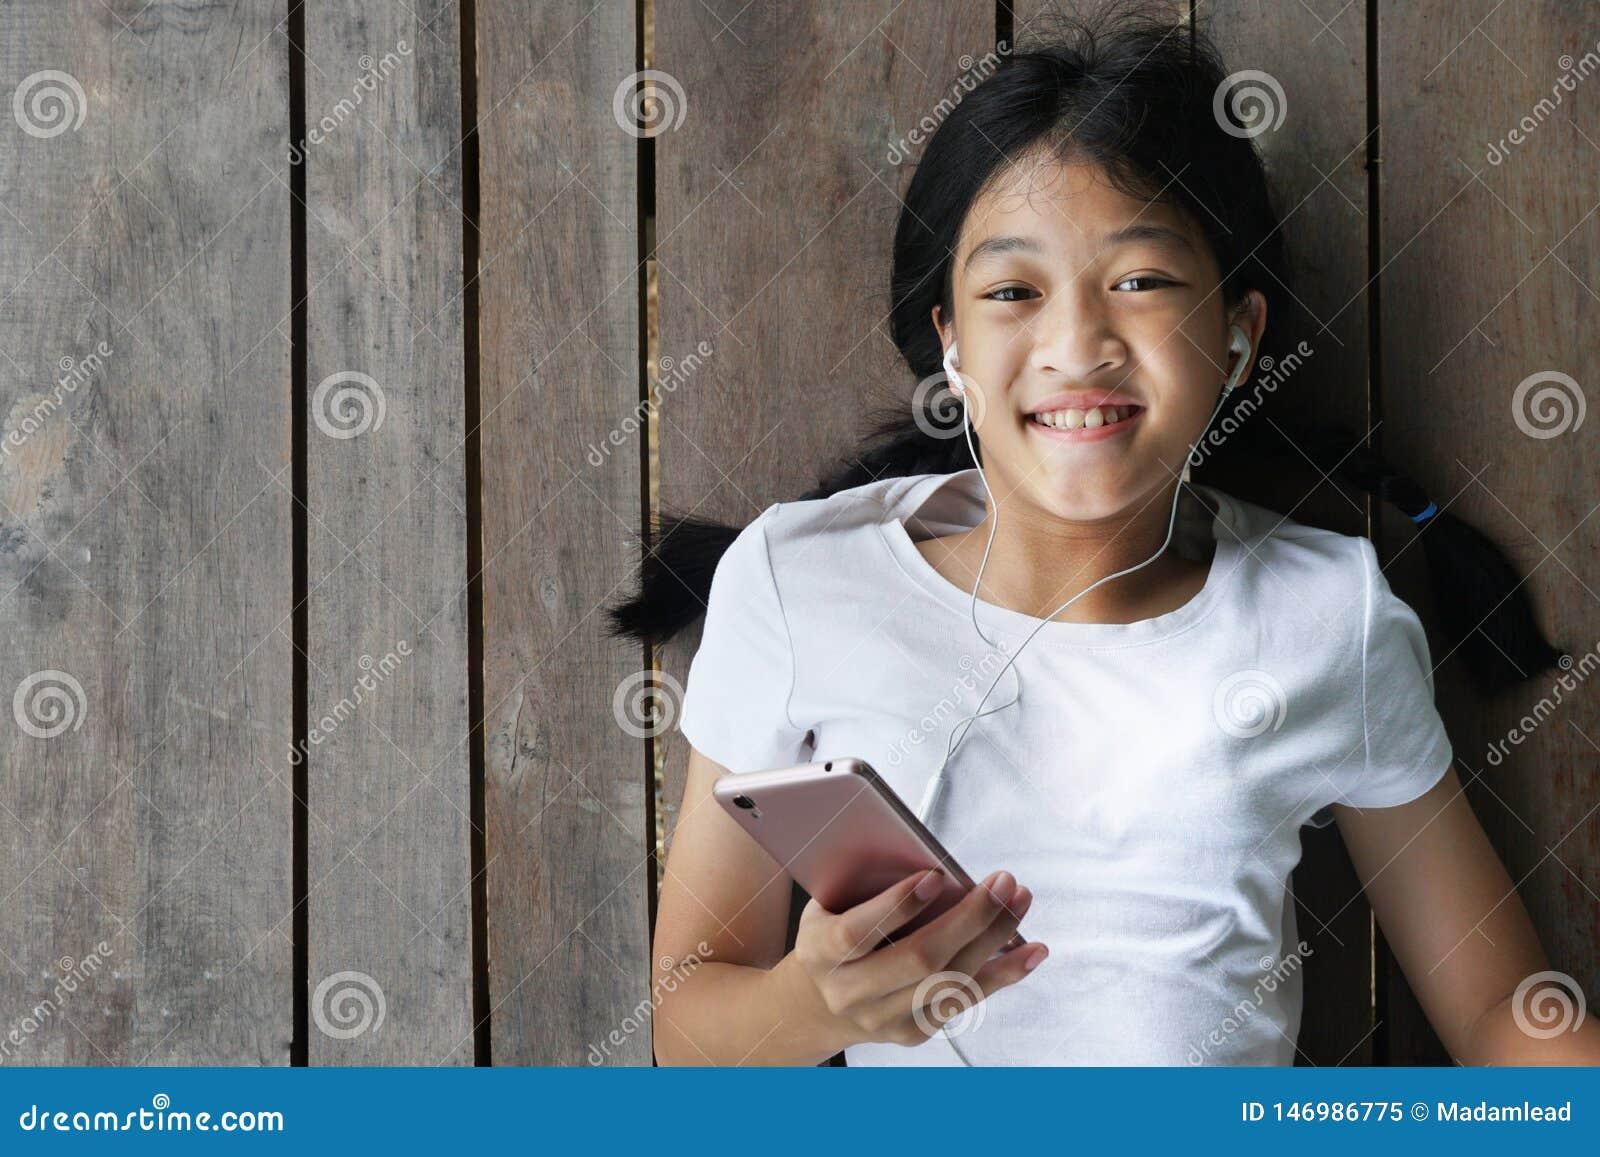 Długie włosy dzieciak dziewczyna z białą koszulką z mobilnym mądrze telefonem słucha muzyka białą słuchawką kłaść puszek dalej